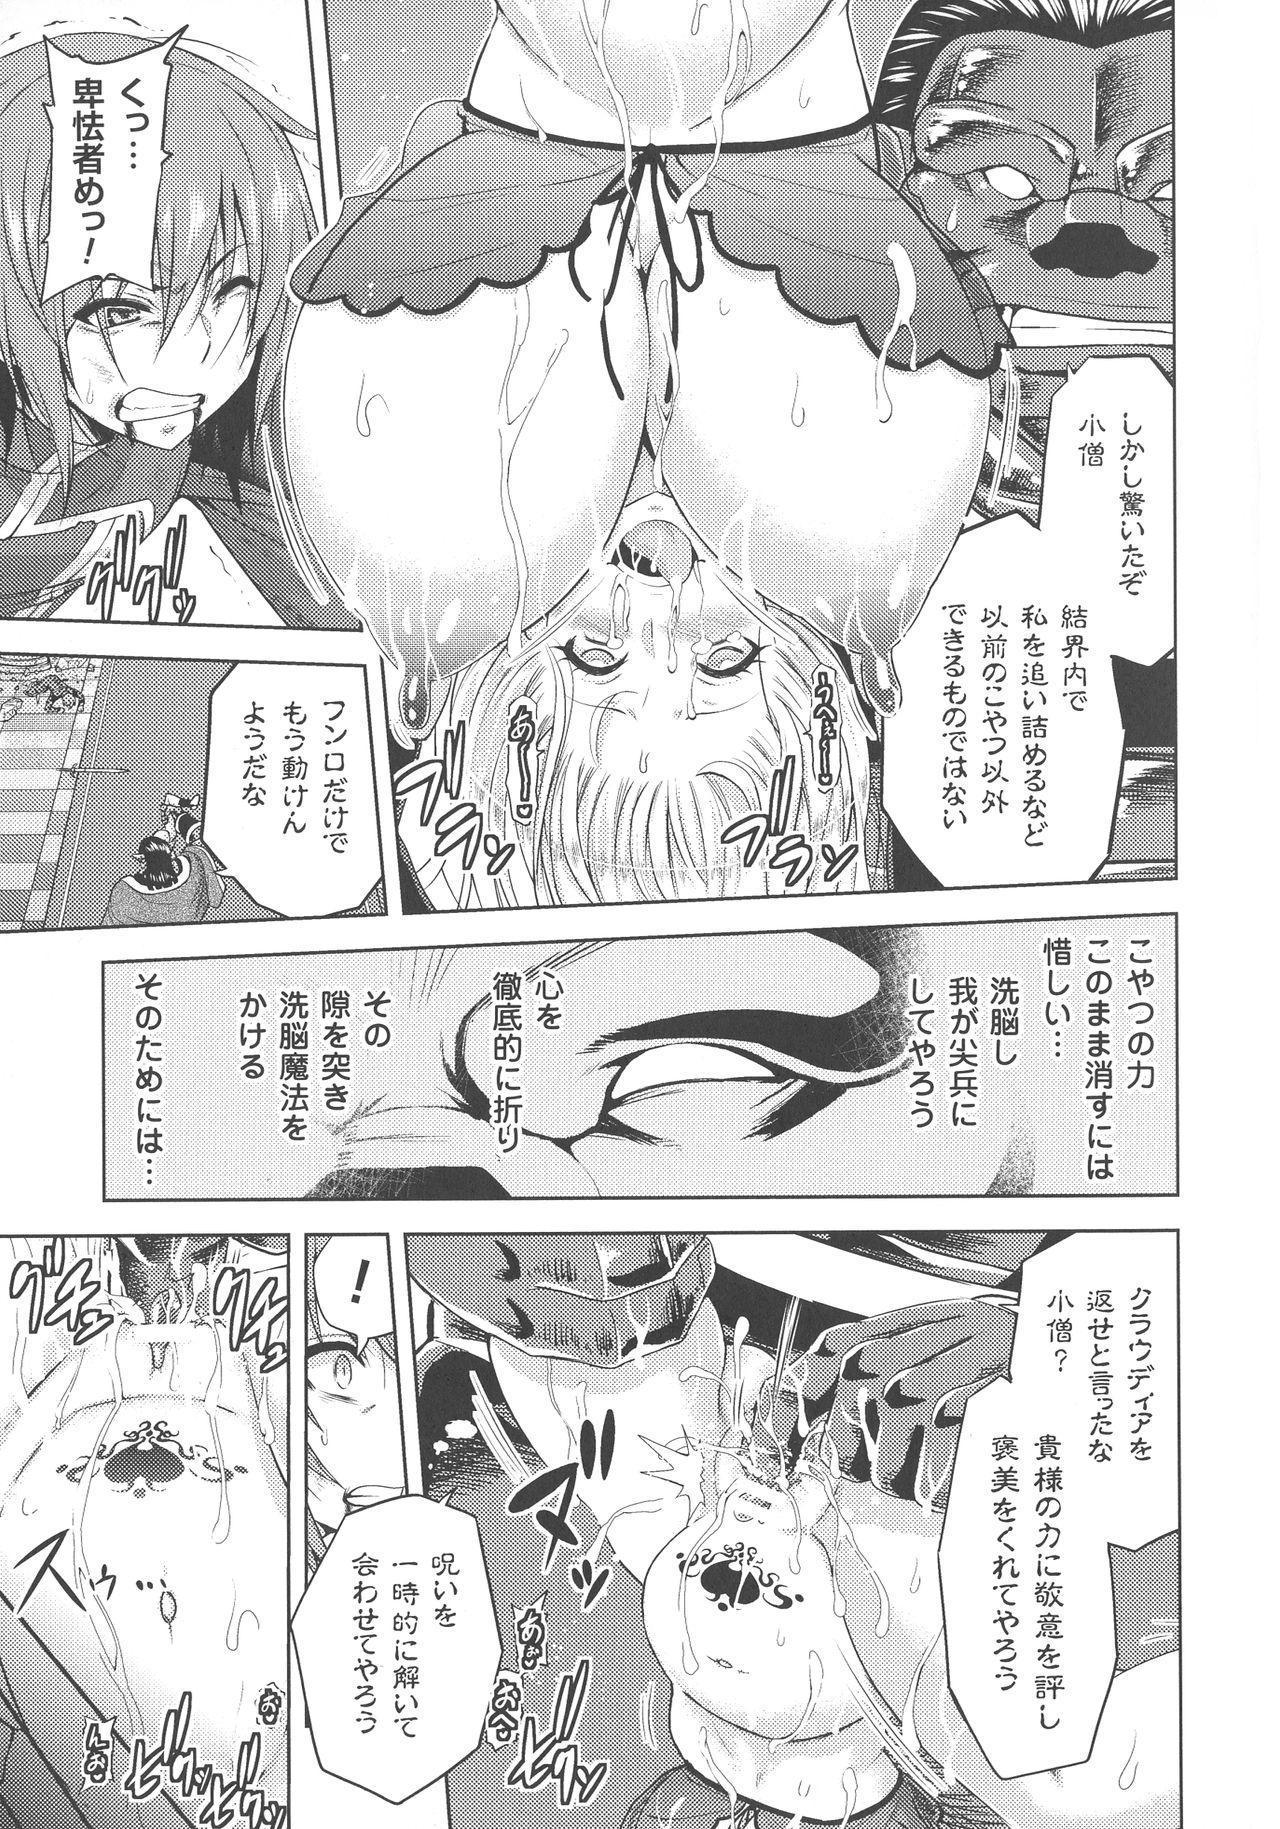 ERONA Orc no Inmon ni Okasareta Onna Kishi no Matsuro Ch. 1-6 110